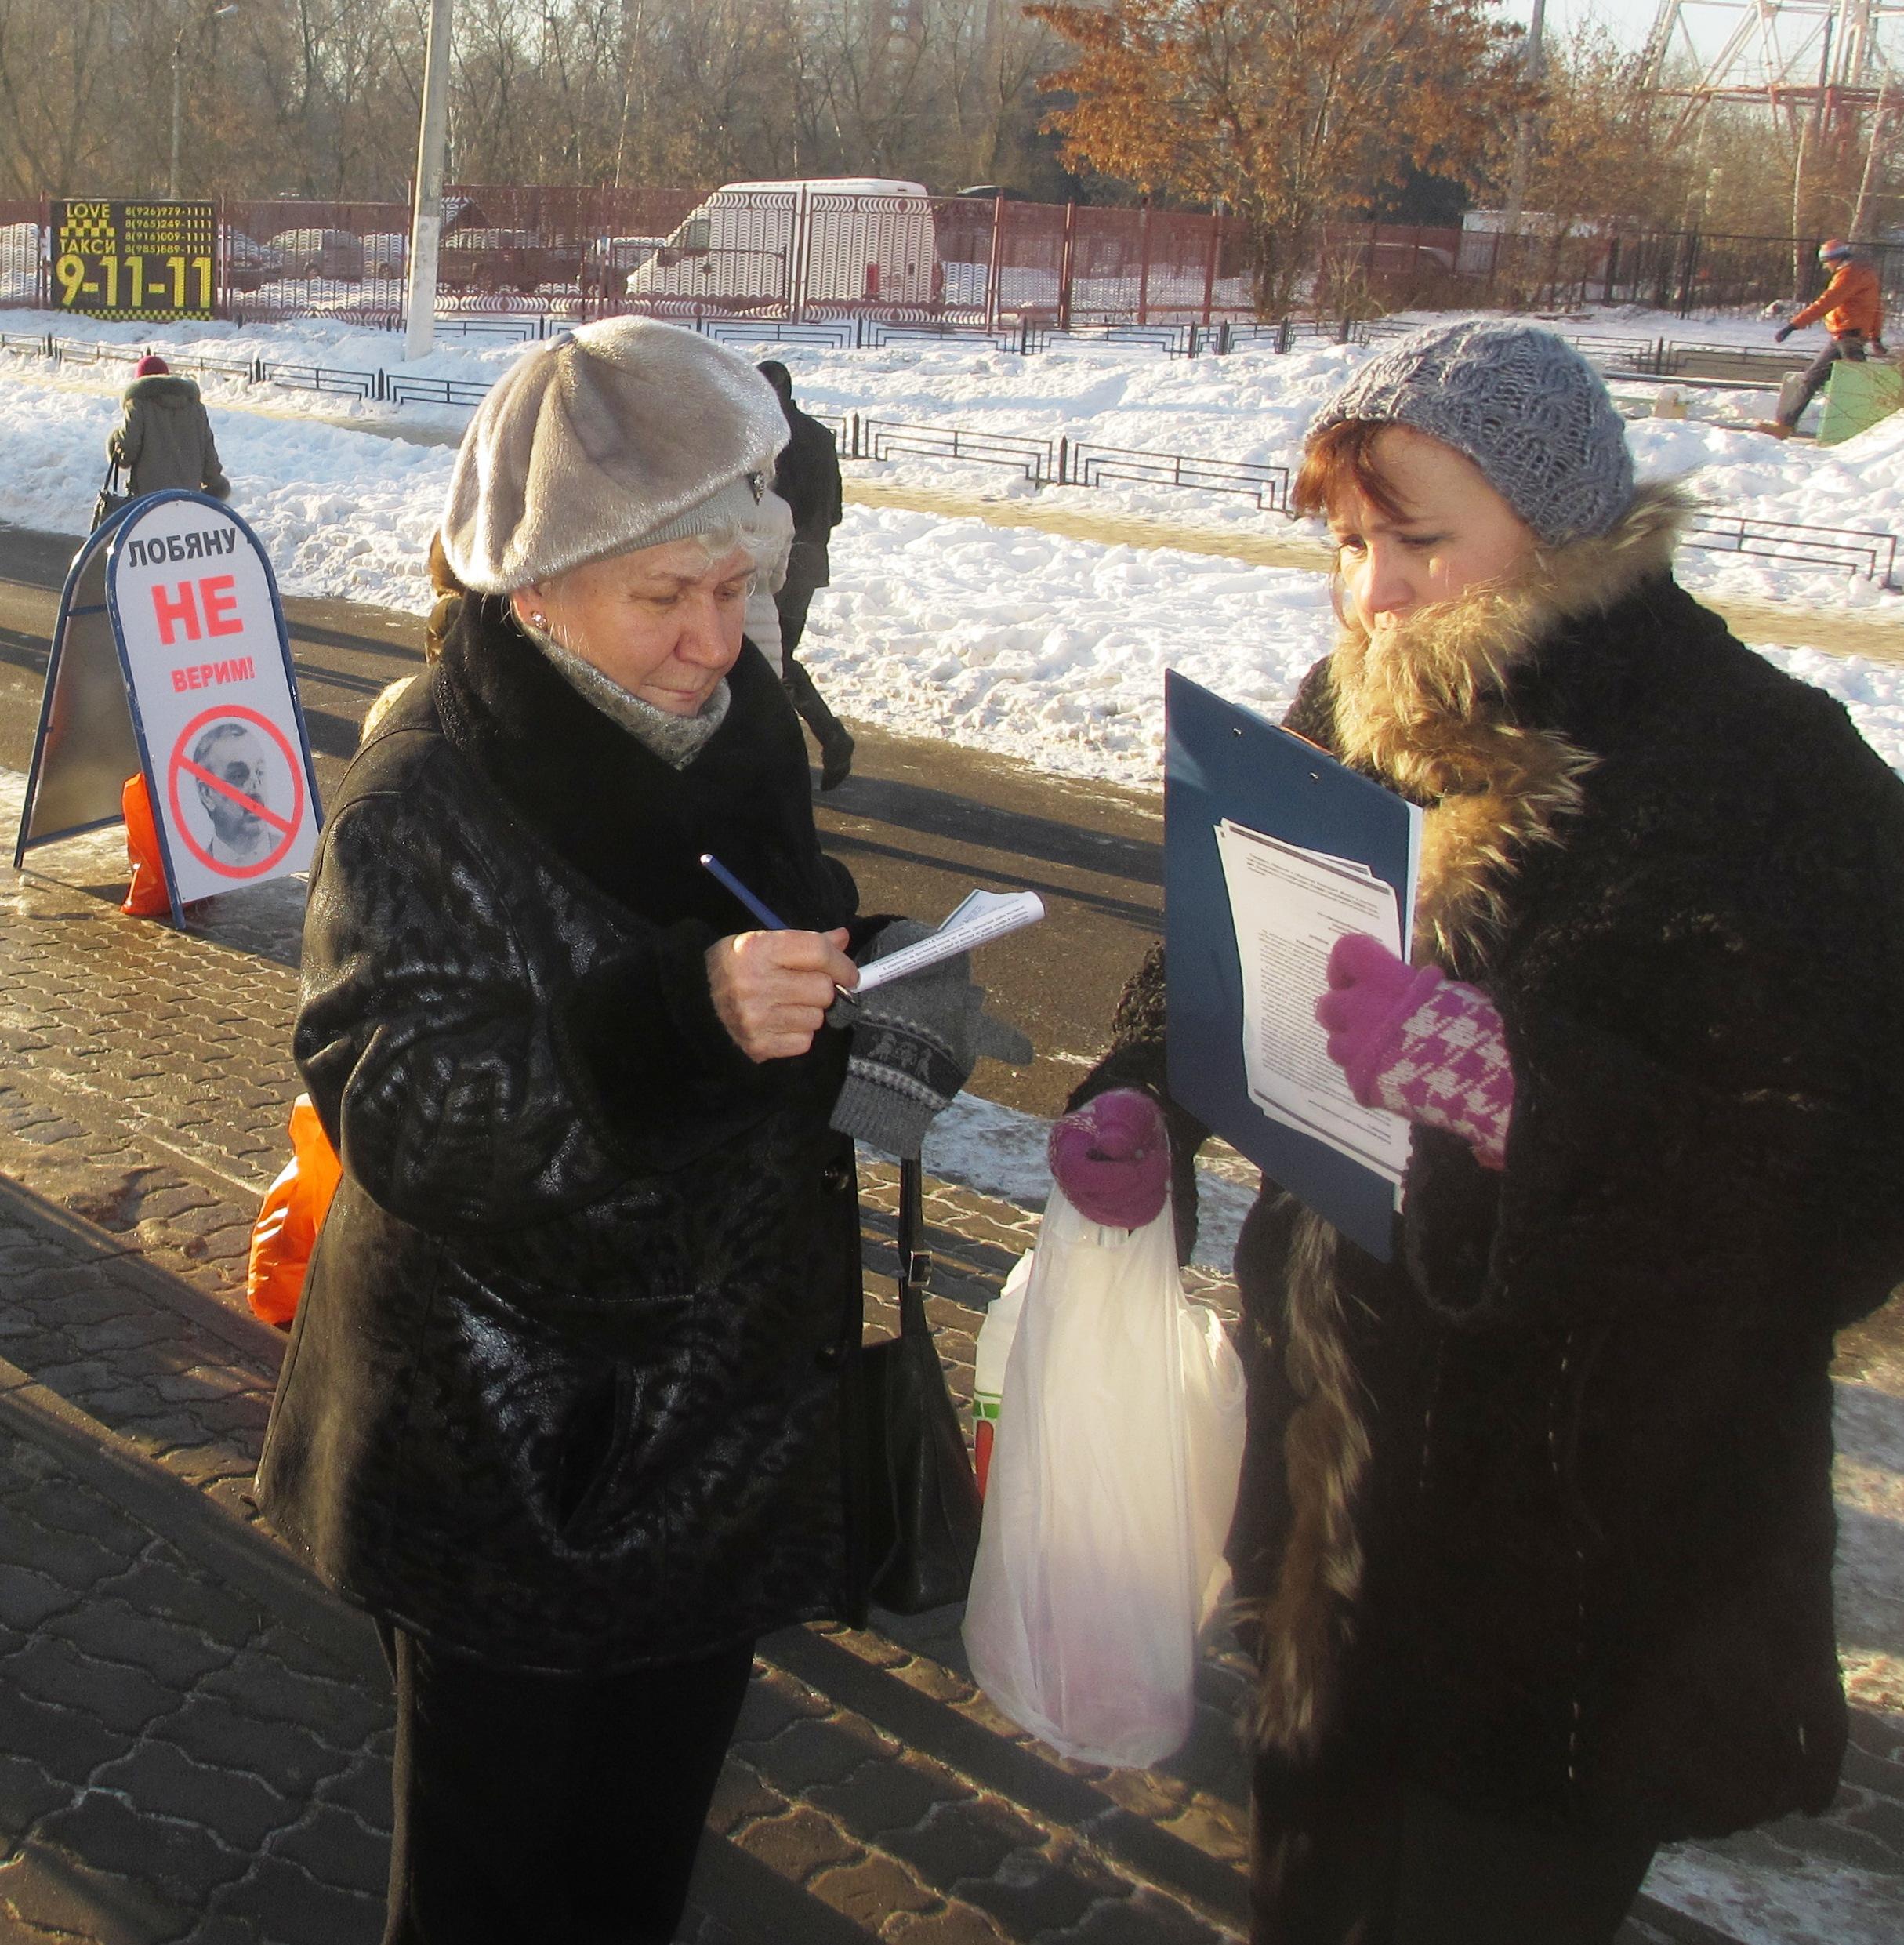 Терроризм Лобяна в Щелково: люди выходят на массовые пикеты